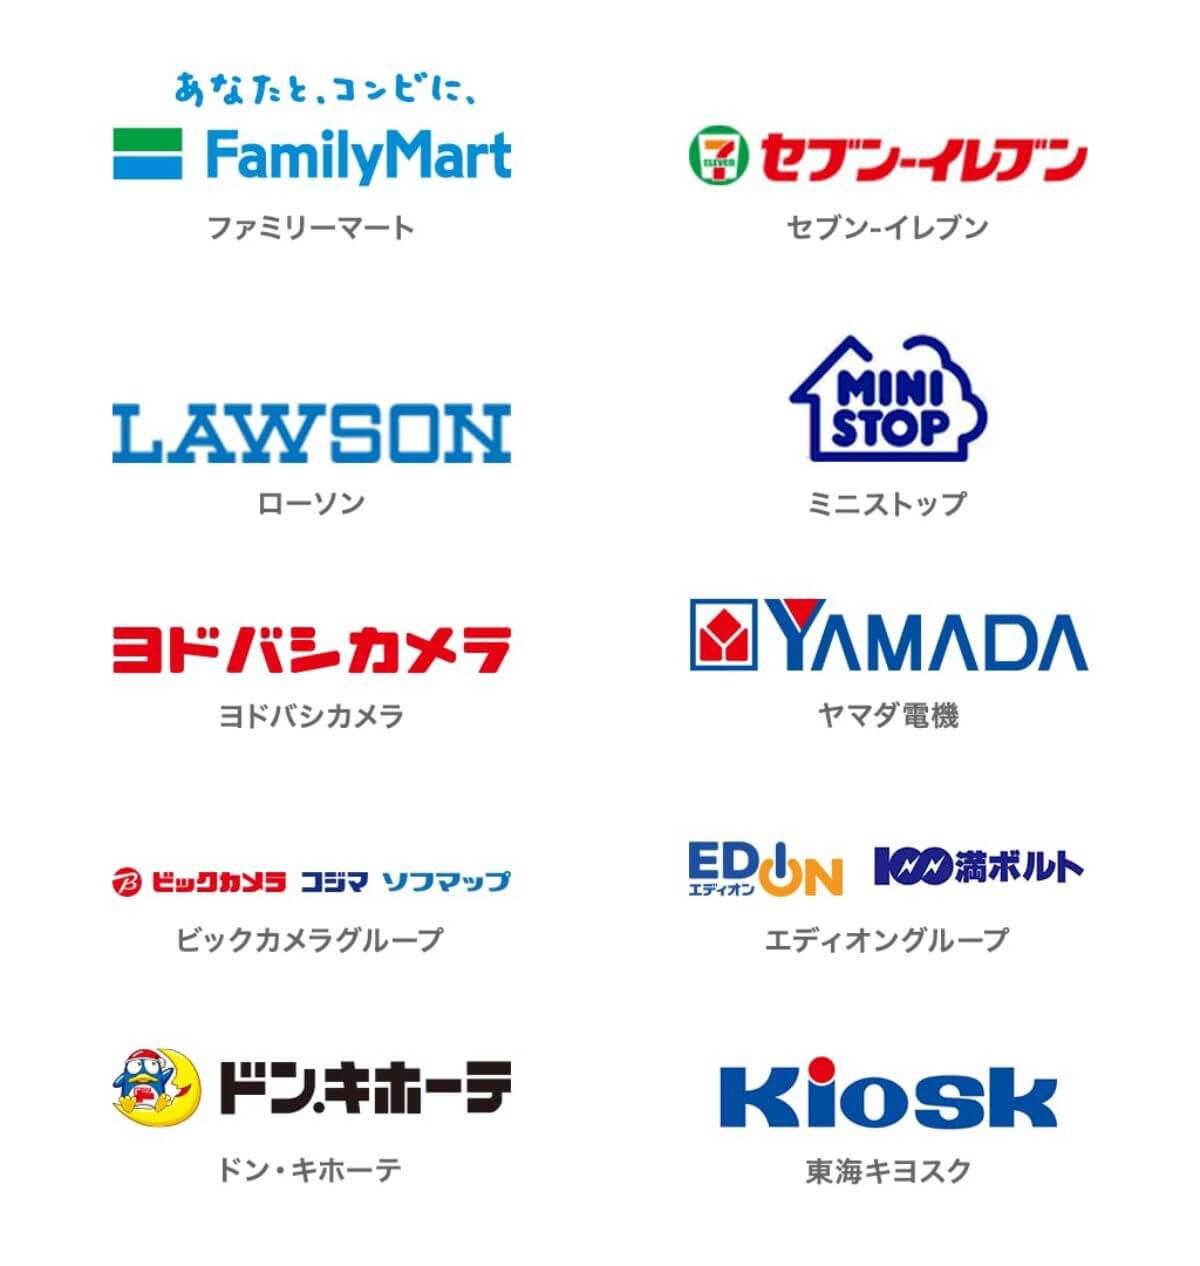 U-NEXTカードの購入可能店舗